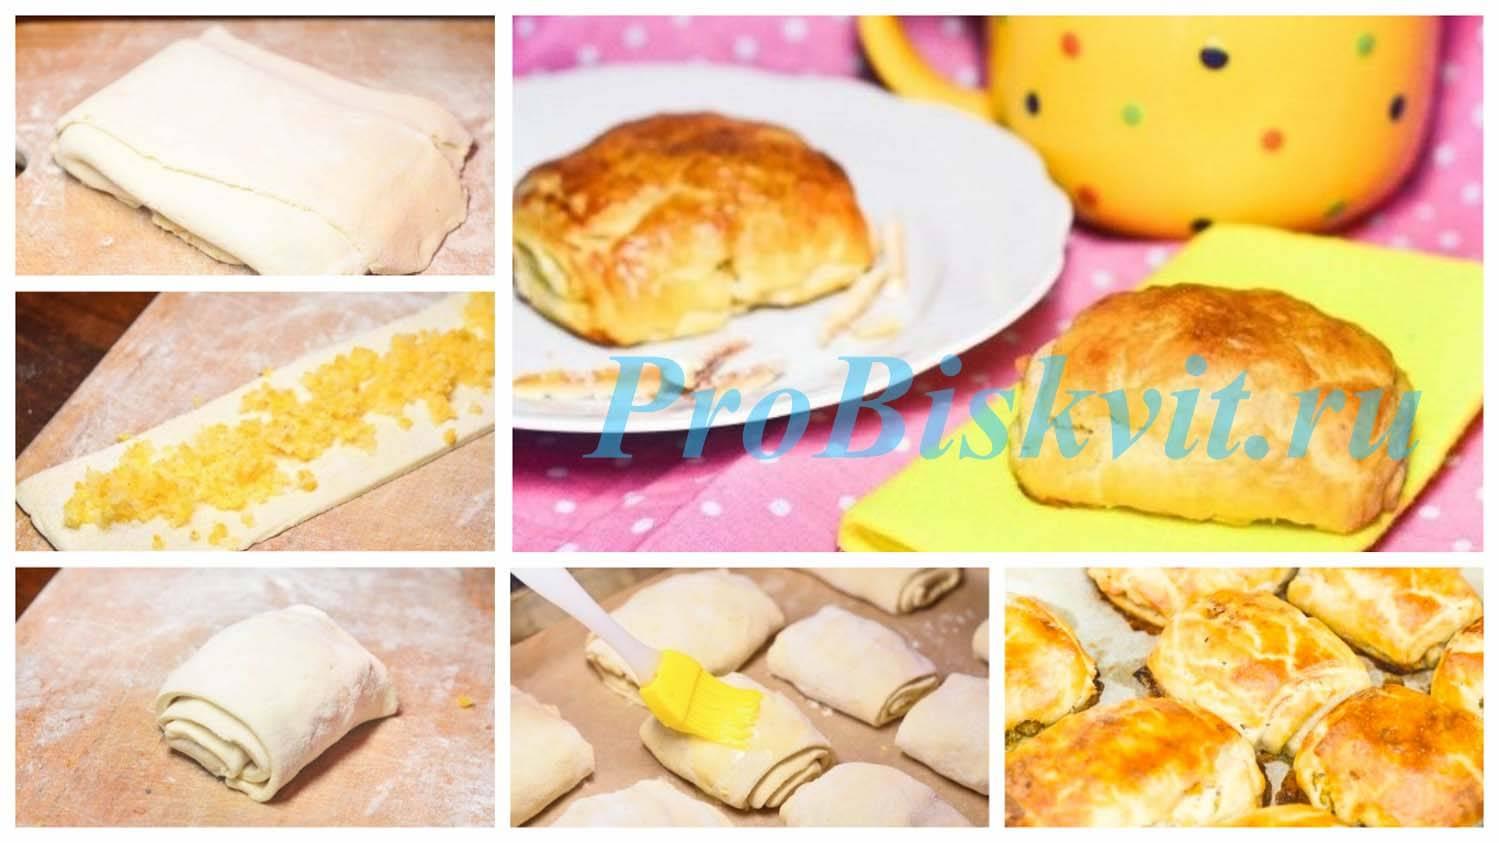 Апельсиновый пирог - простые рецепты в духовке, мультиварке, с джемом, лимоном и цедрой